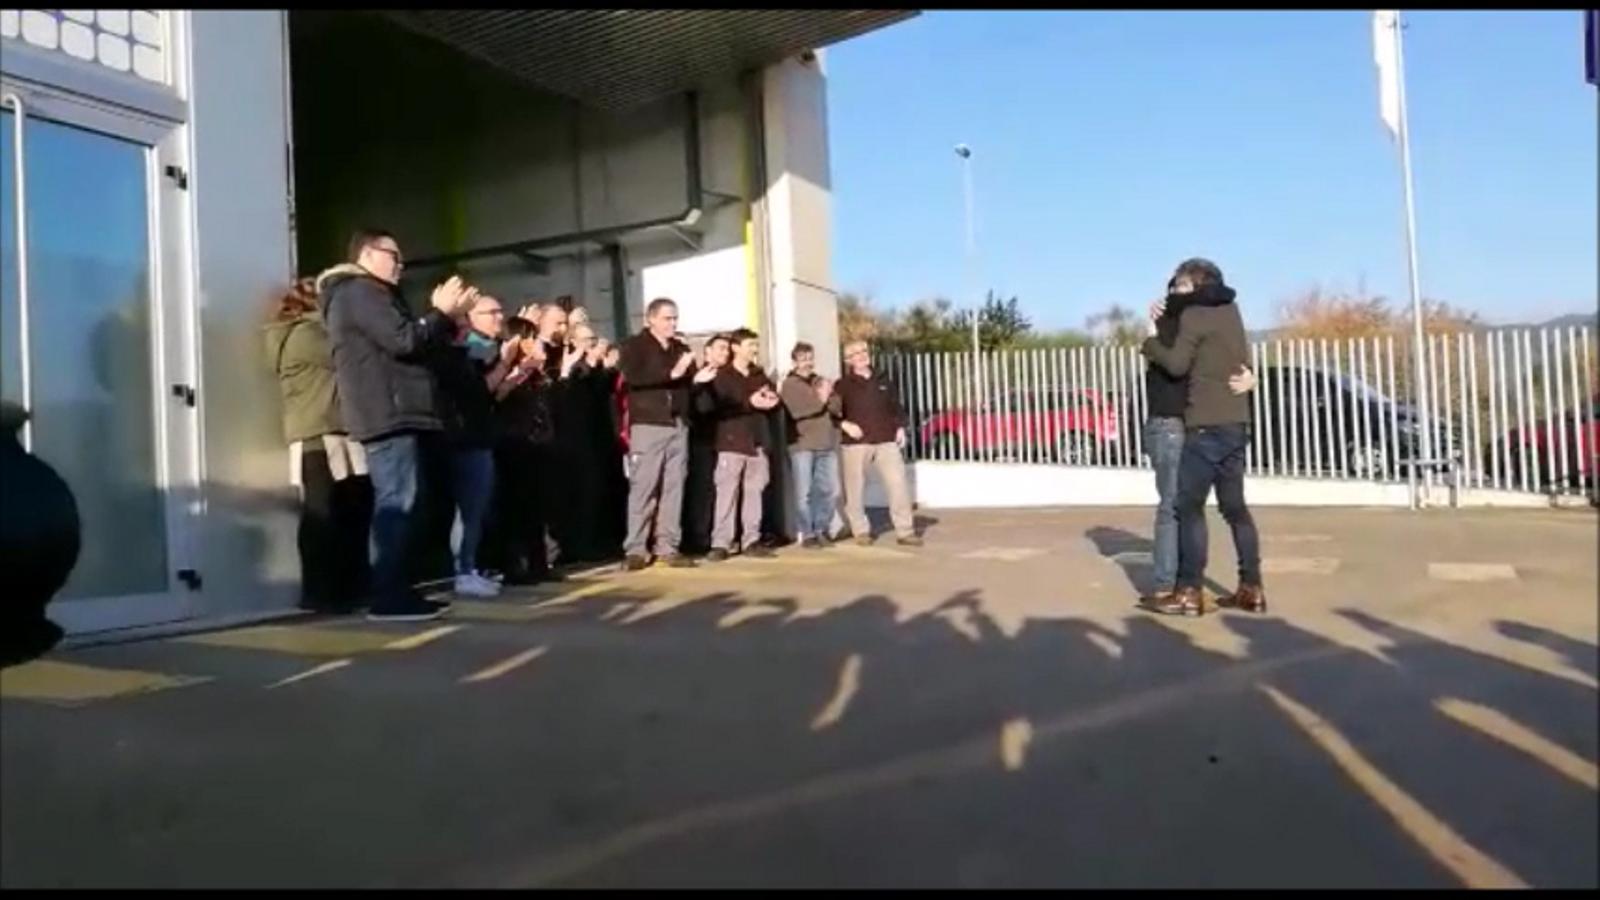 Cuixart s'adreça als seus treballadors en sortir de la presó